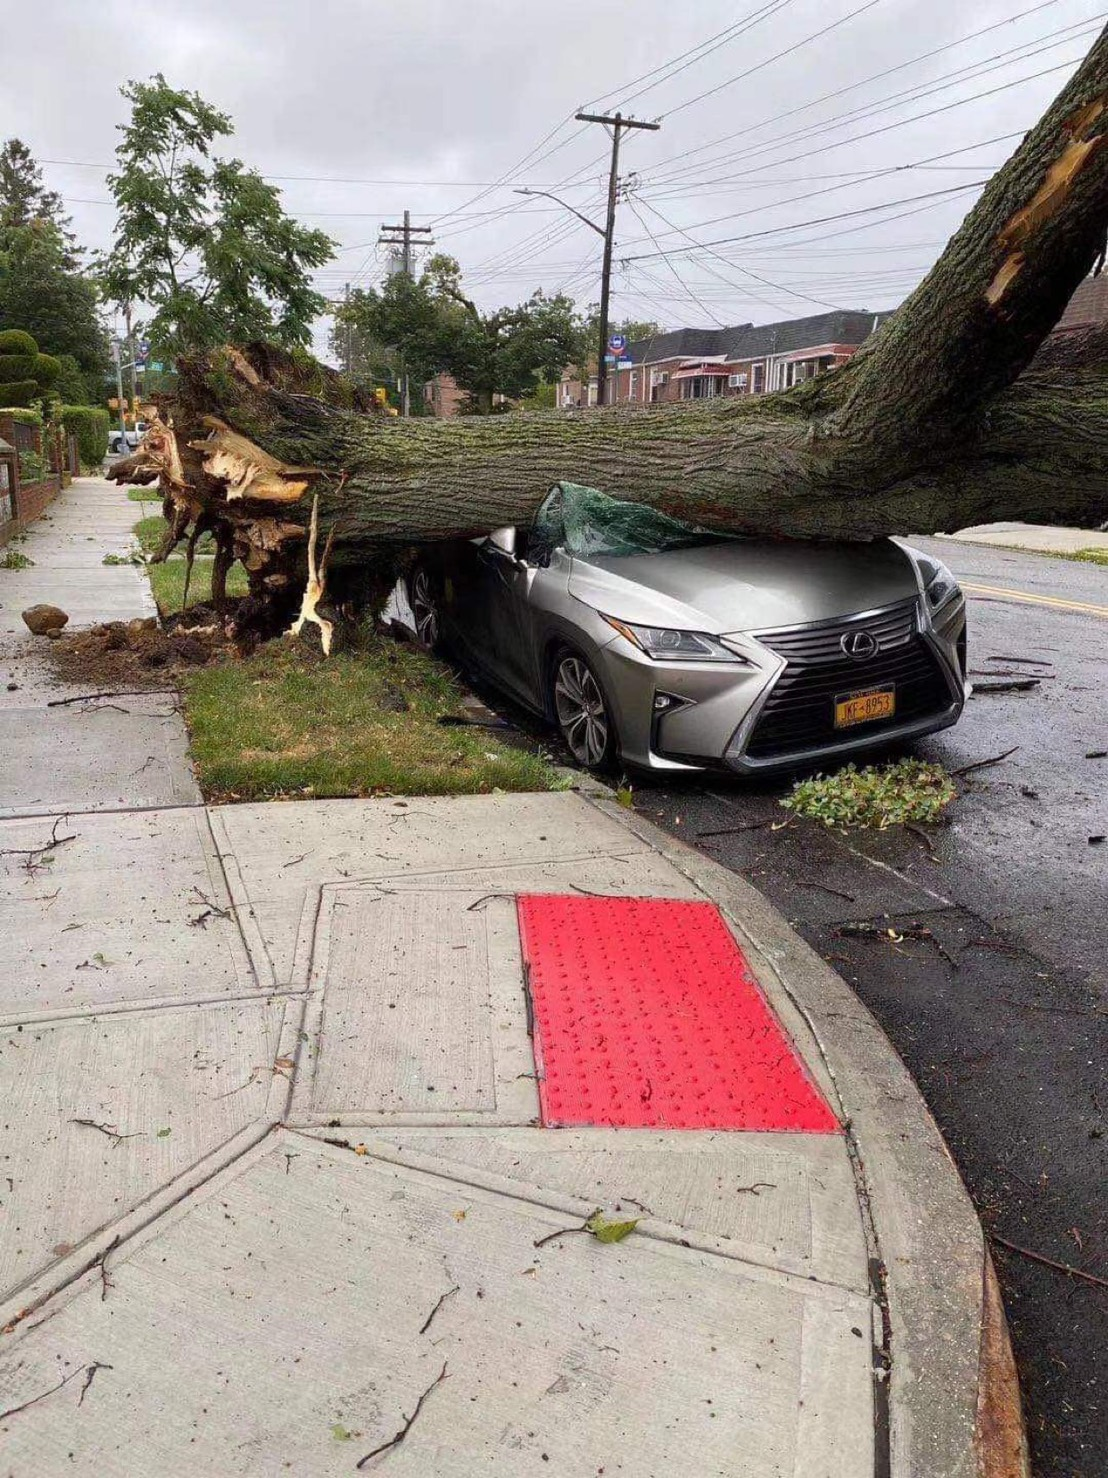 皇后區貝賽附近,大樹被強風吹倒,砸中路邊轎車。(Will Cheung提供)